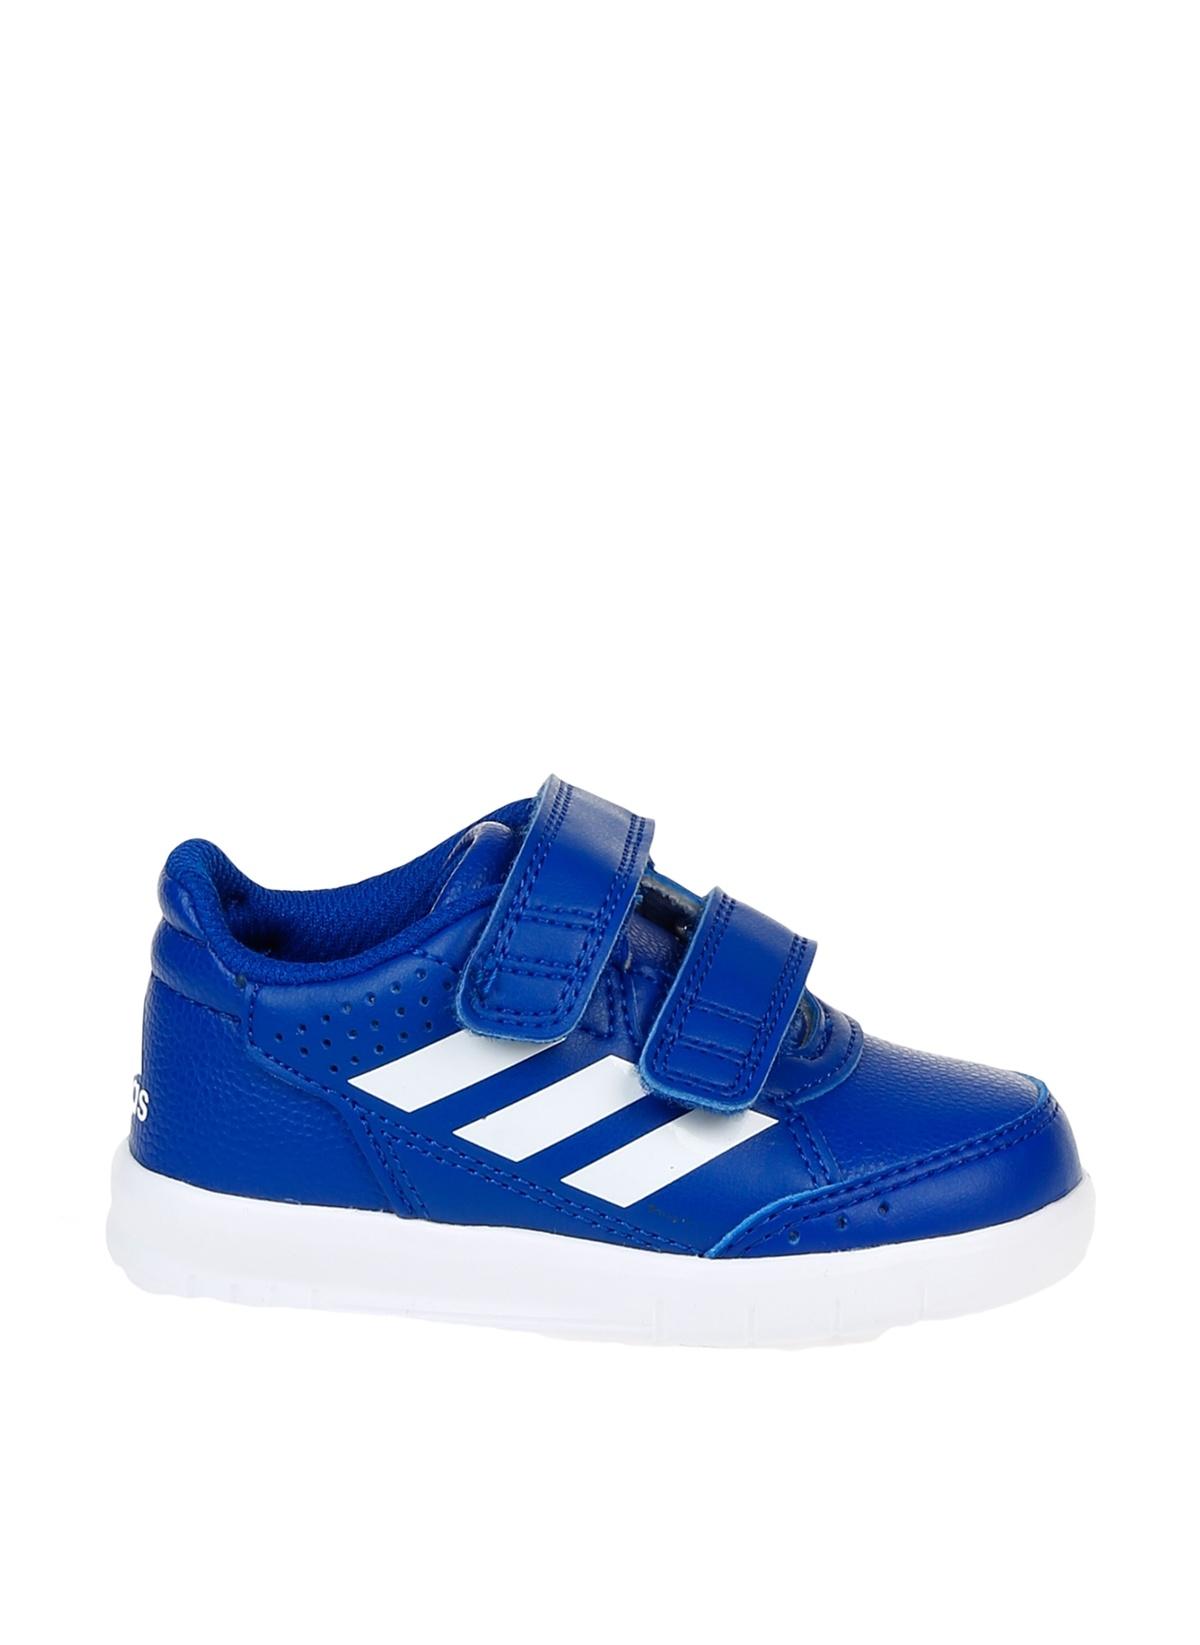 Erkek Çocuk adidas Spor Ayakkabı